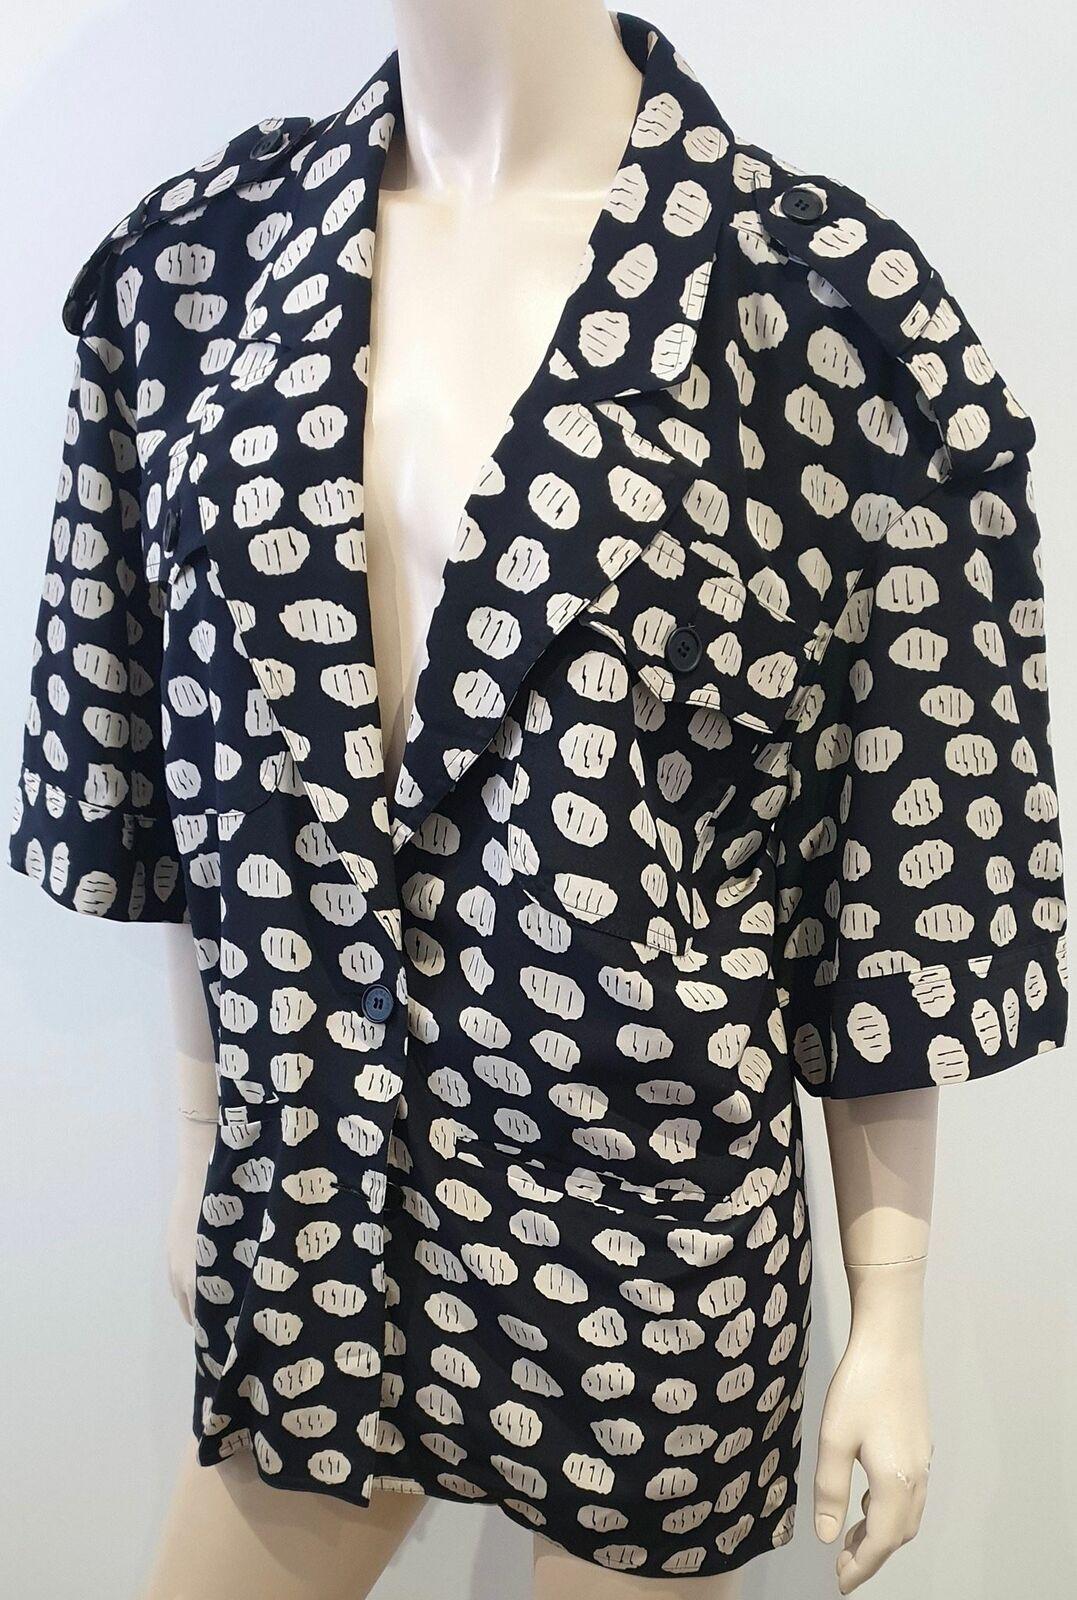 Impresión geométrica TRUSSARDI Negro Crema Seda Cuello  en V Manga corta chaqueta Blazer 44  Nuevos productos de artículos novedosos.